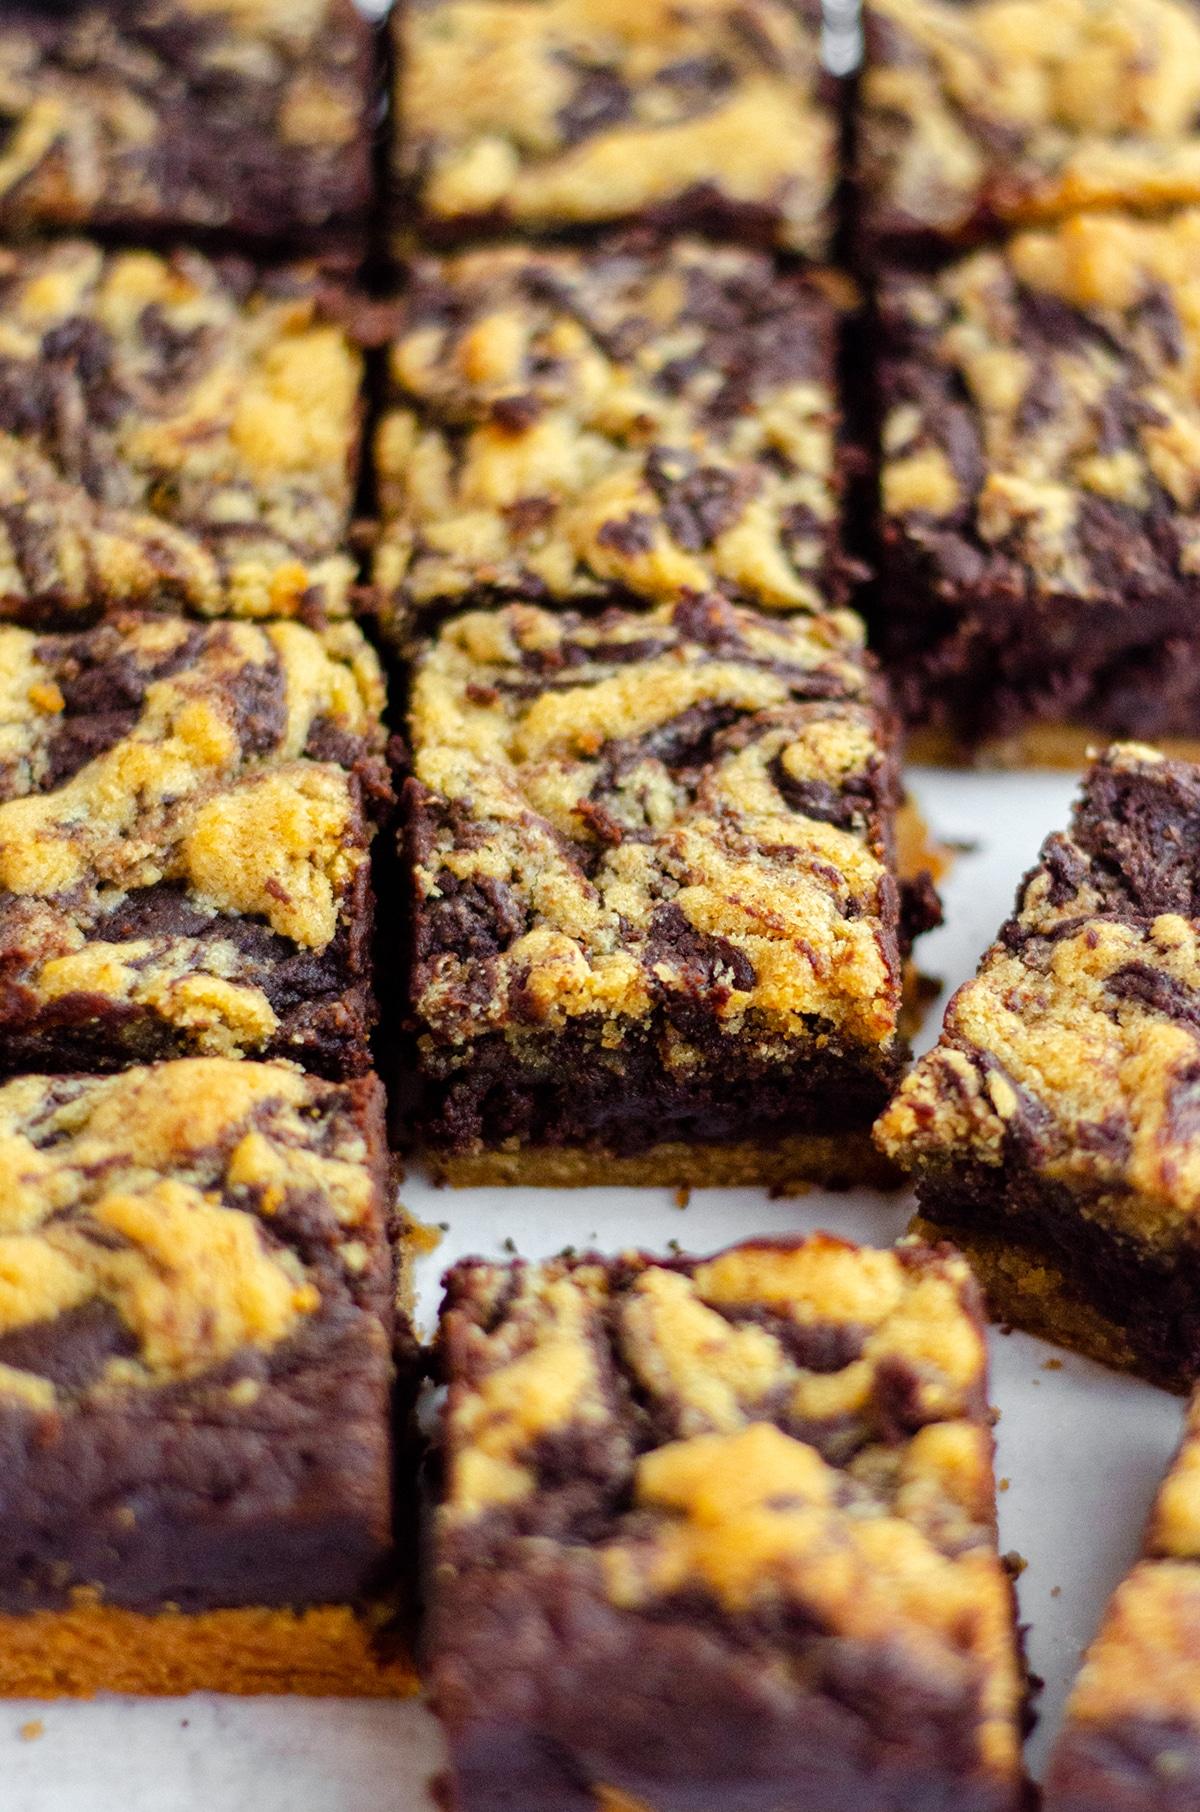 sliced peanut butter cookie brownies